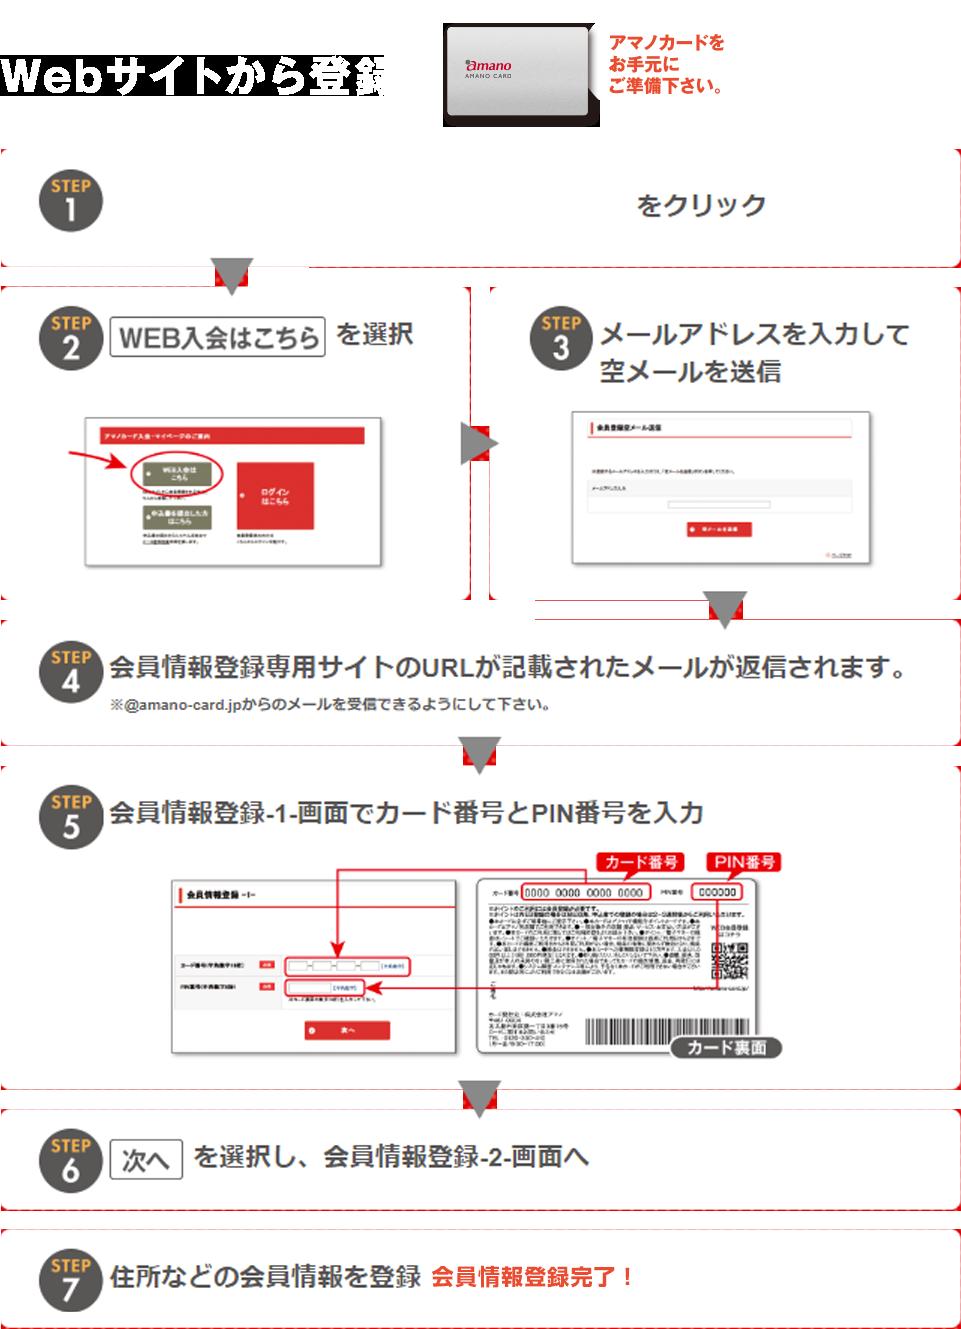 Webサイトで登録